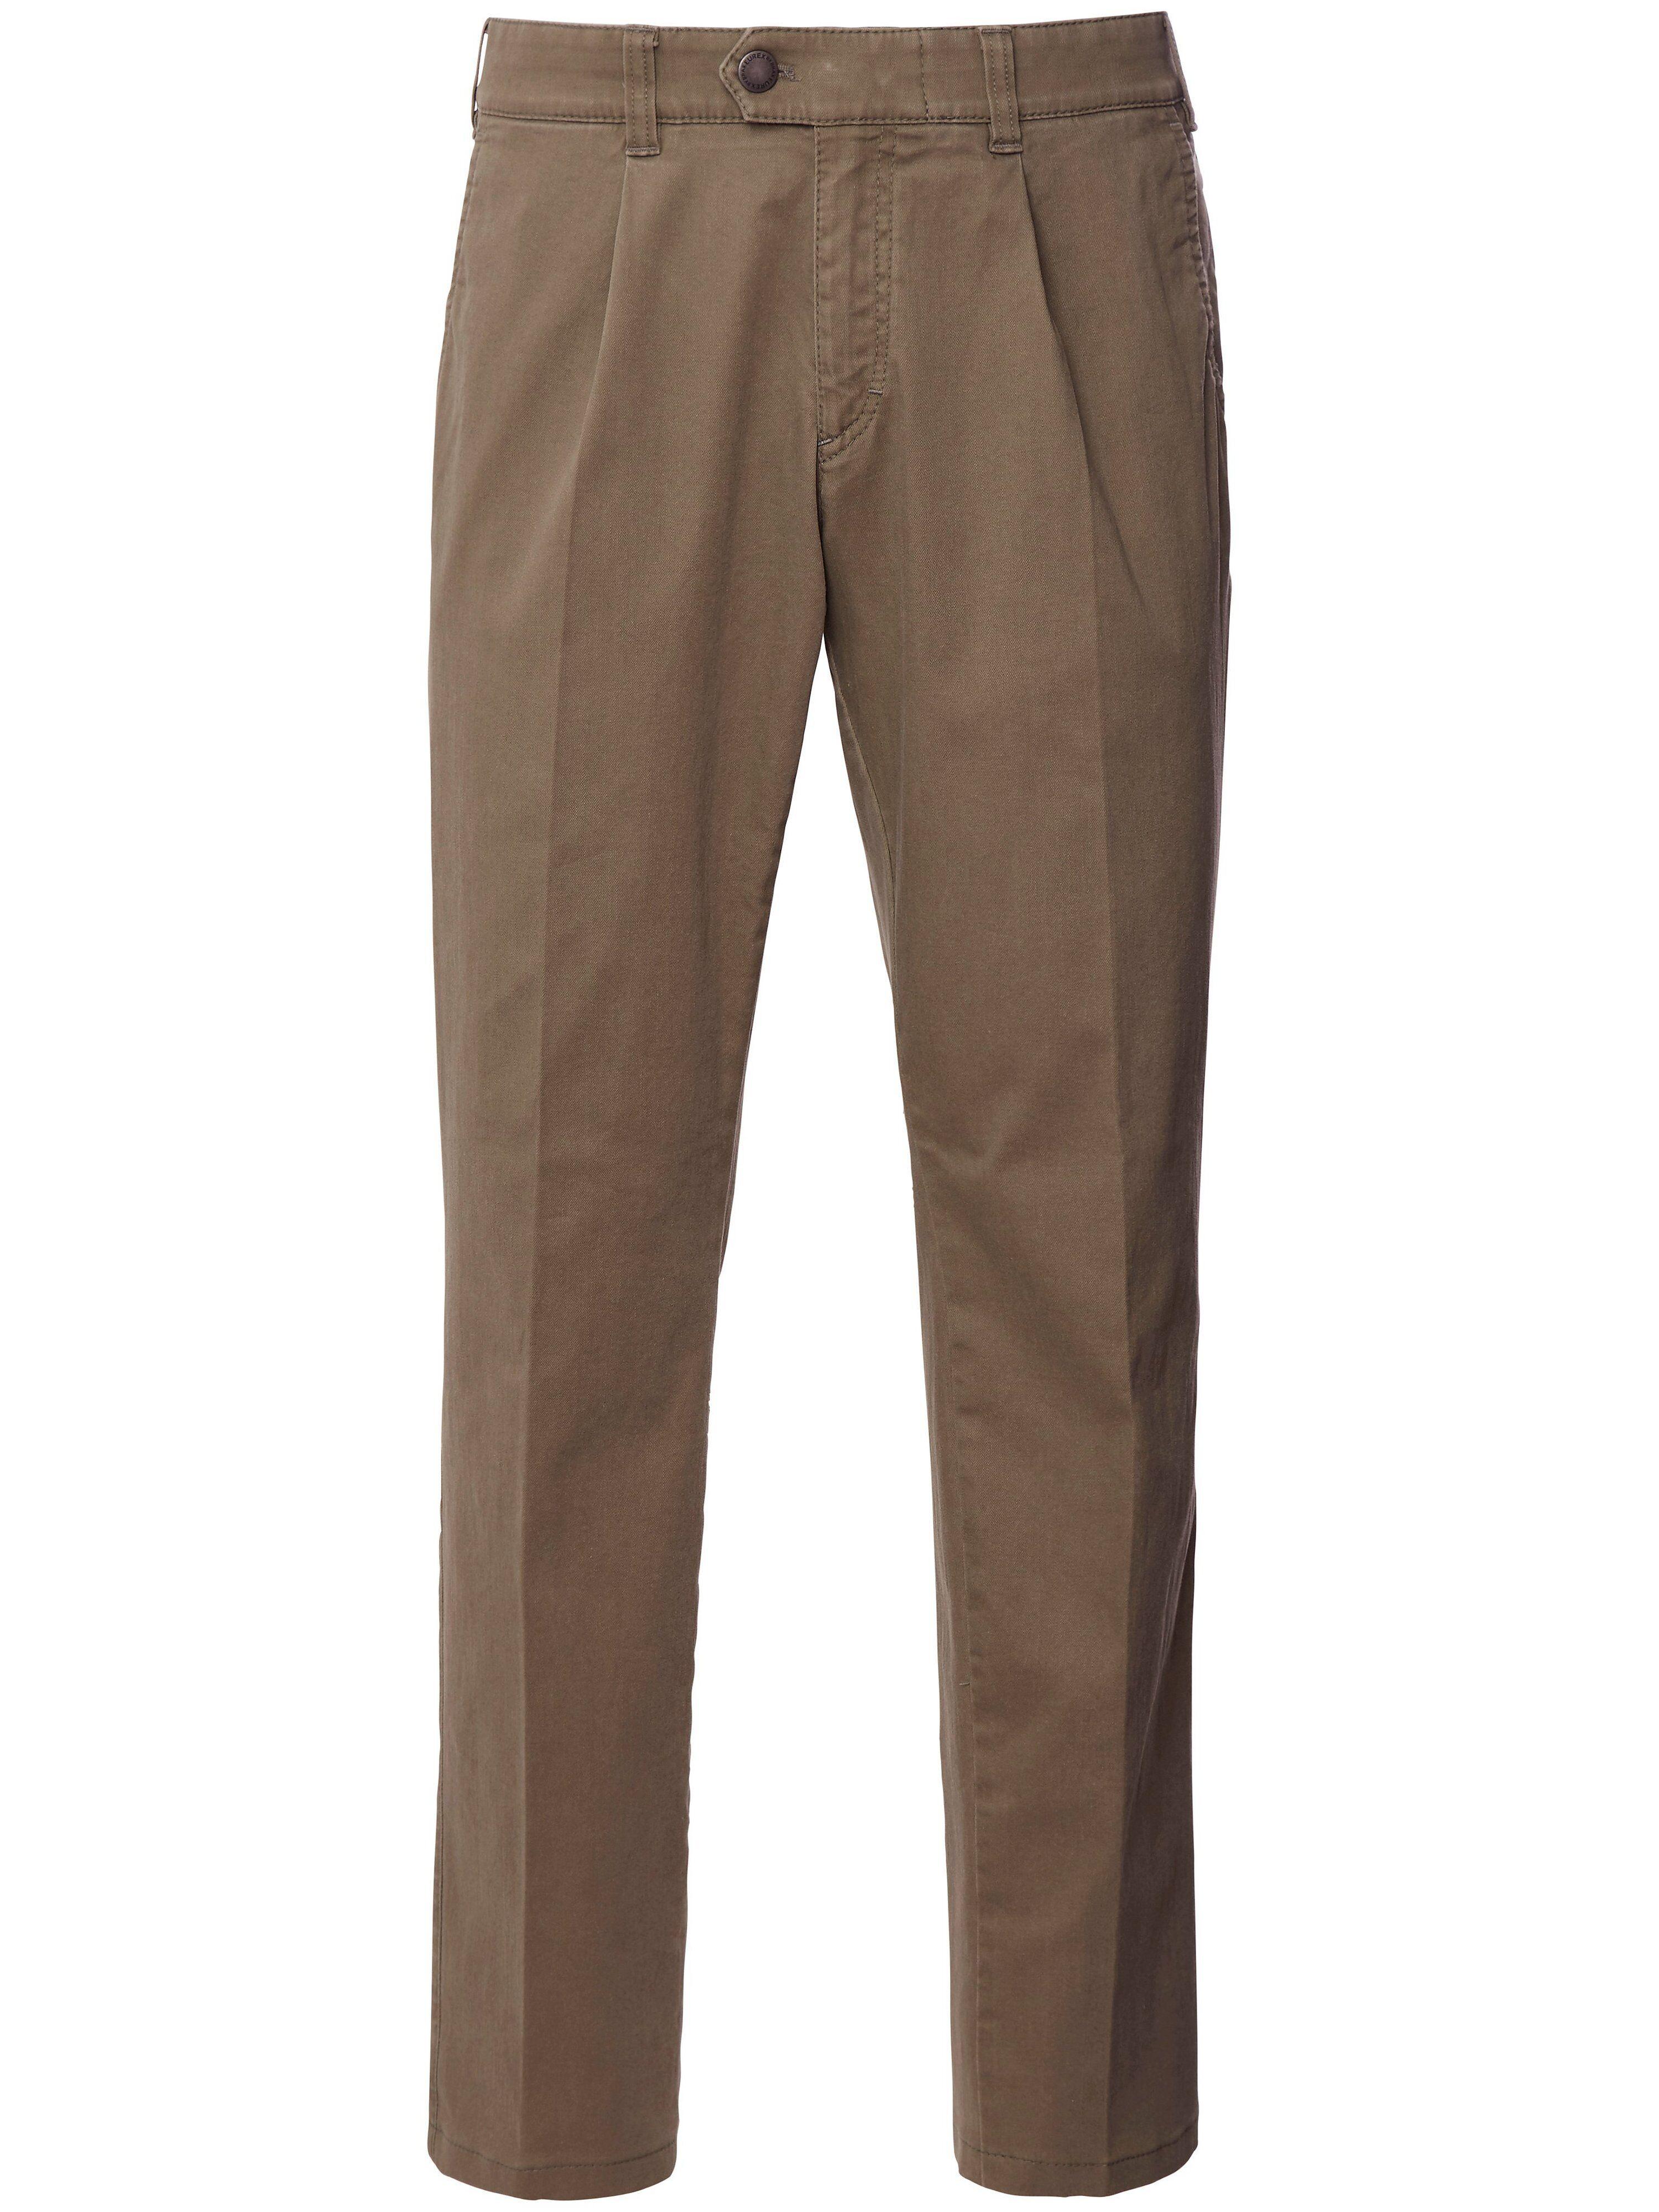 Brax Le pantalon à pinces  Eurex by Brax marron  - Homme - 25